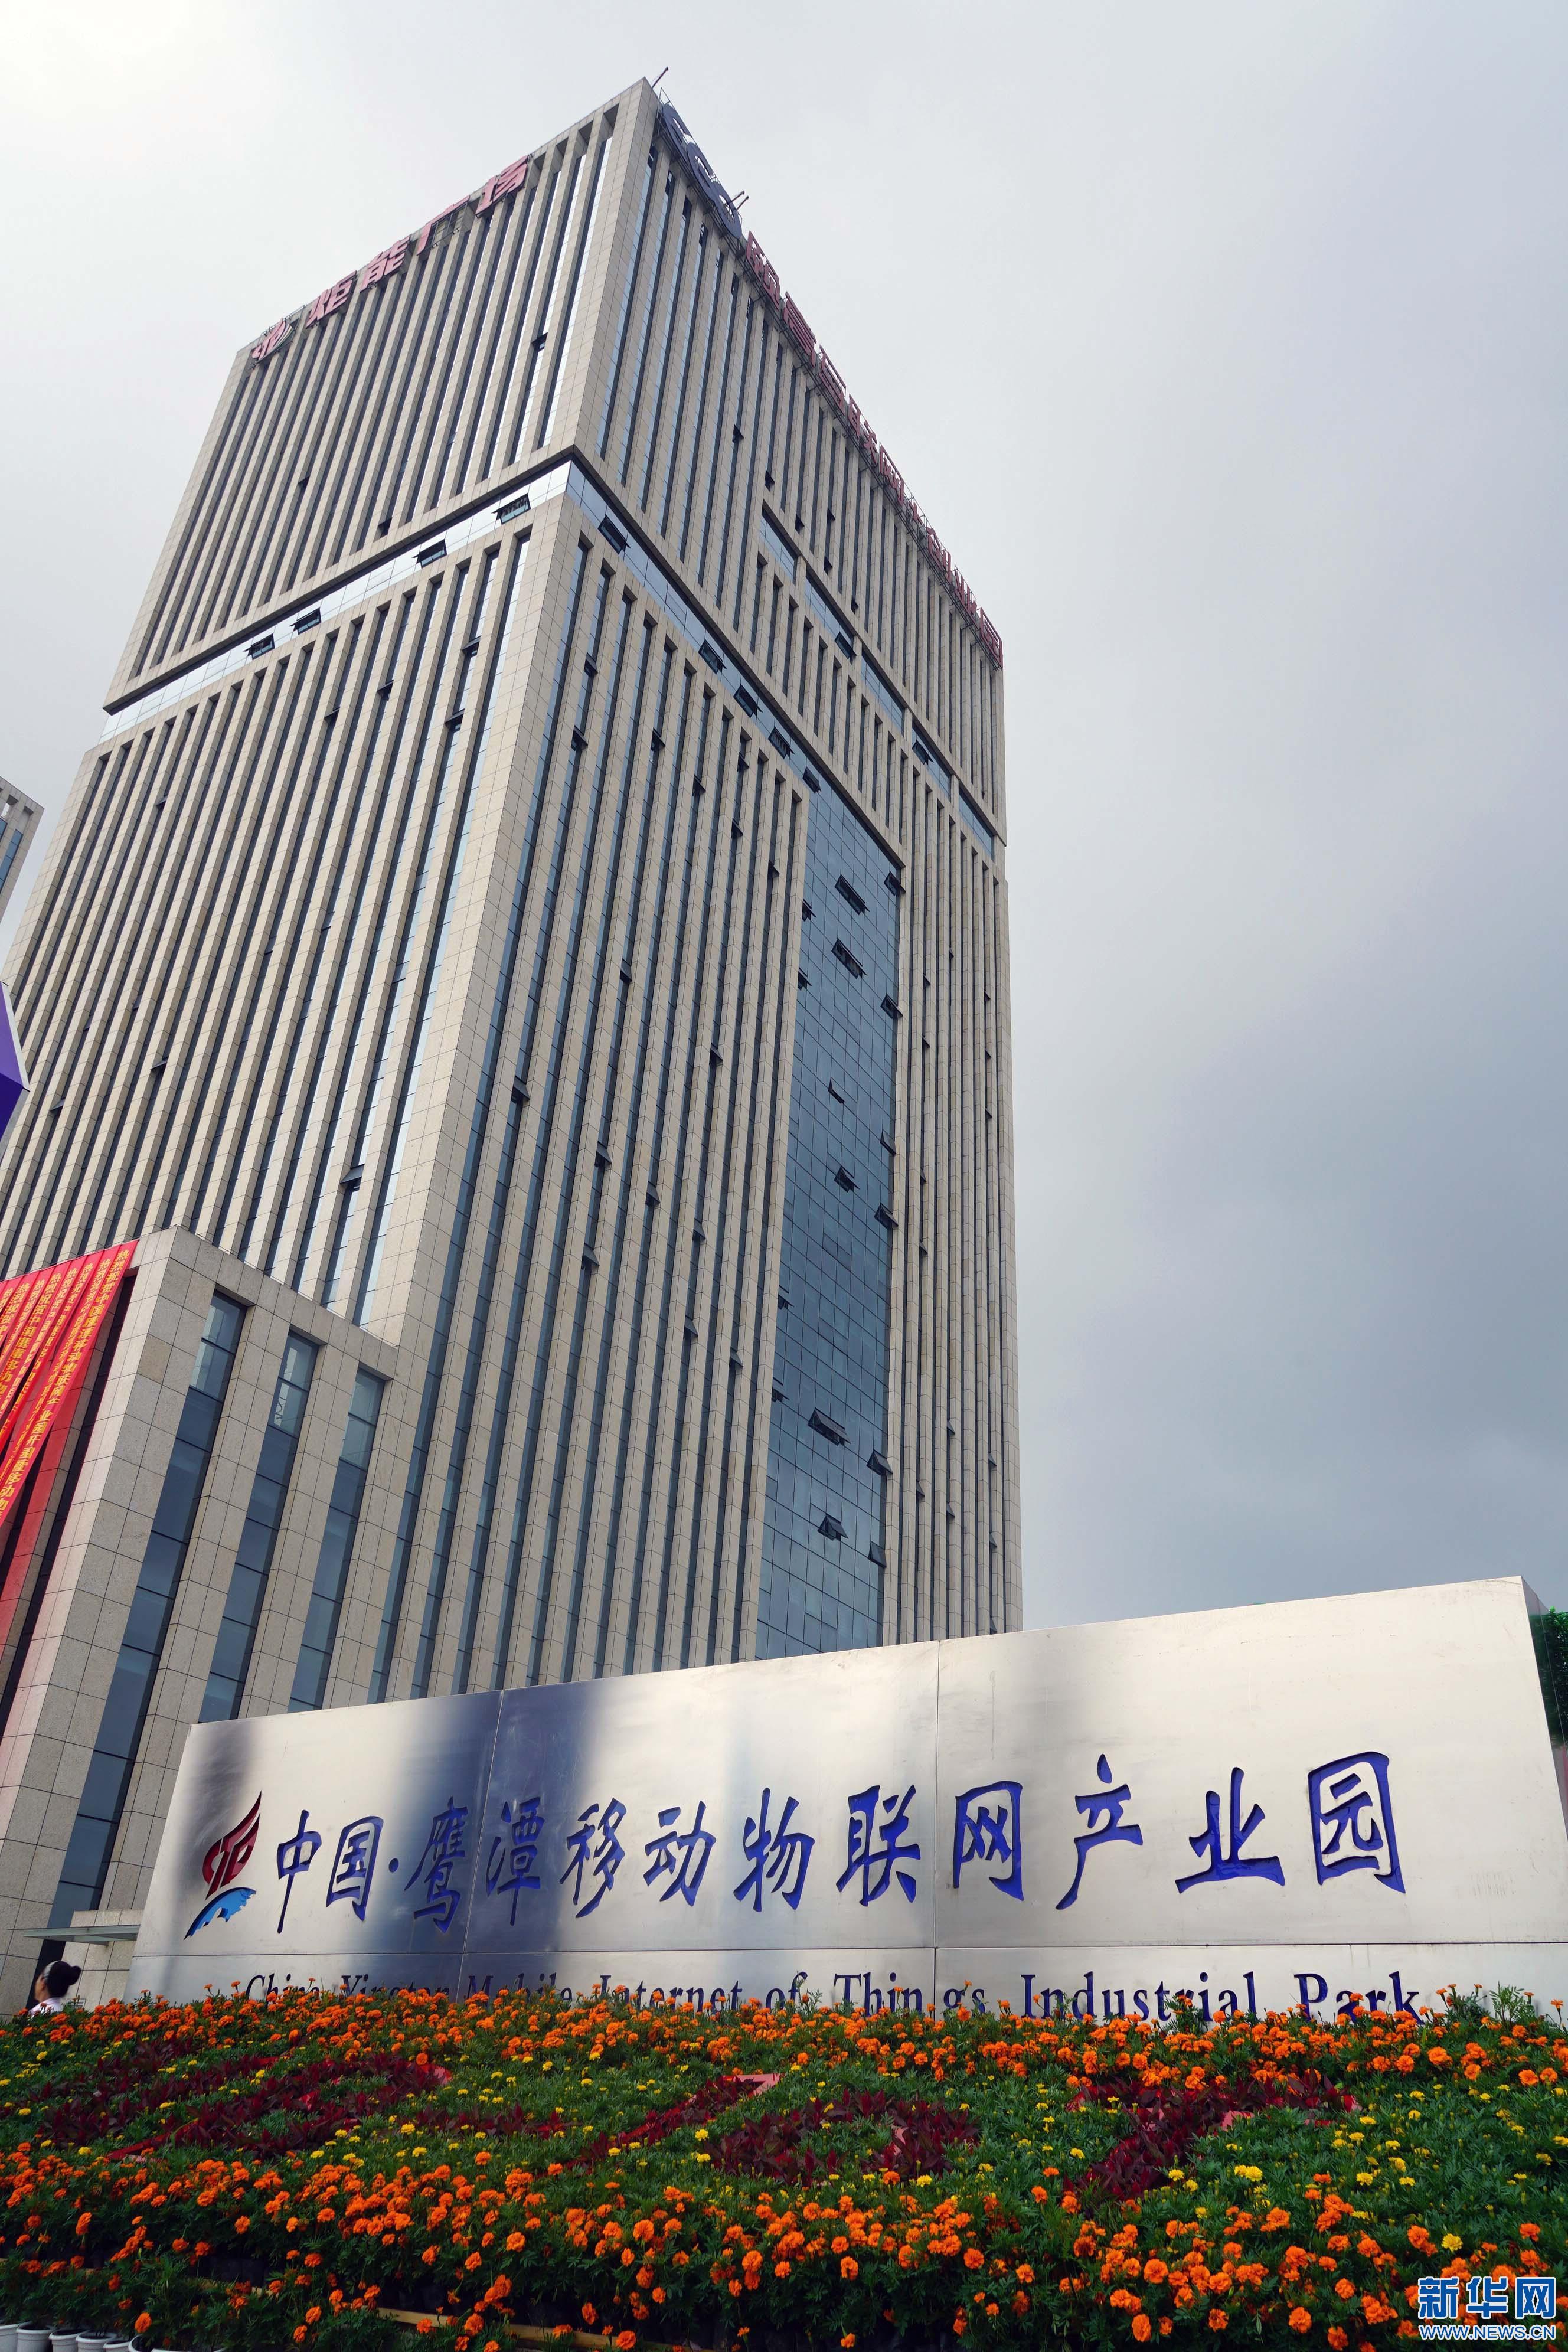 中国鹰潭移动物联网产业园开园